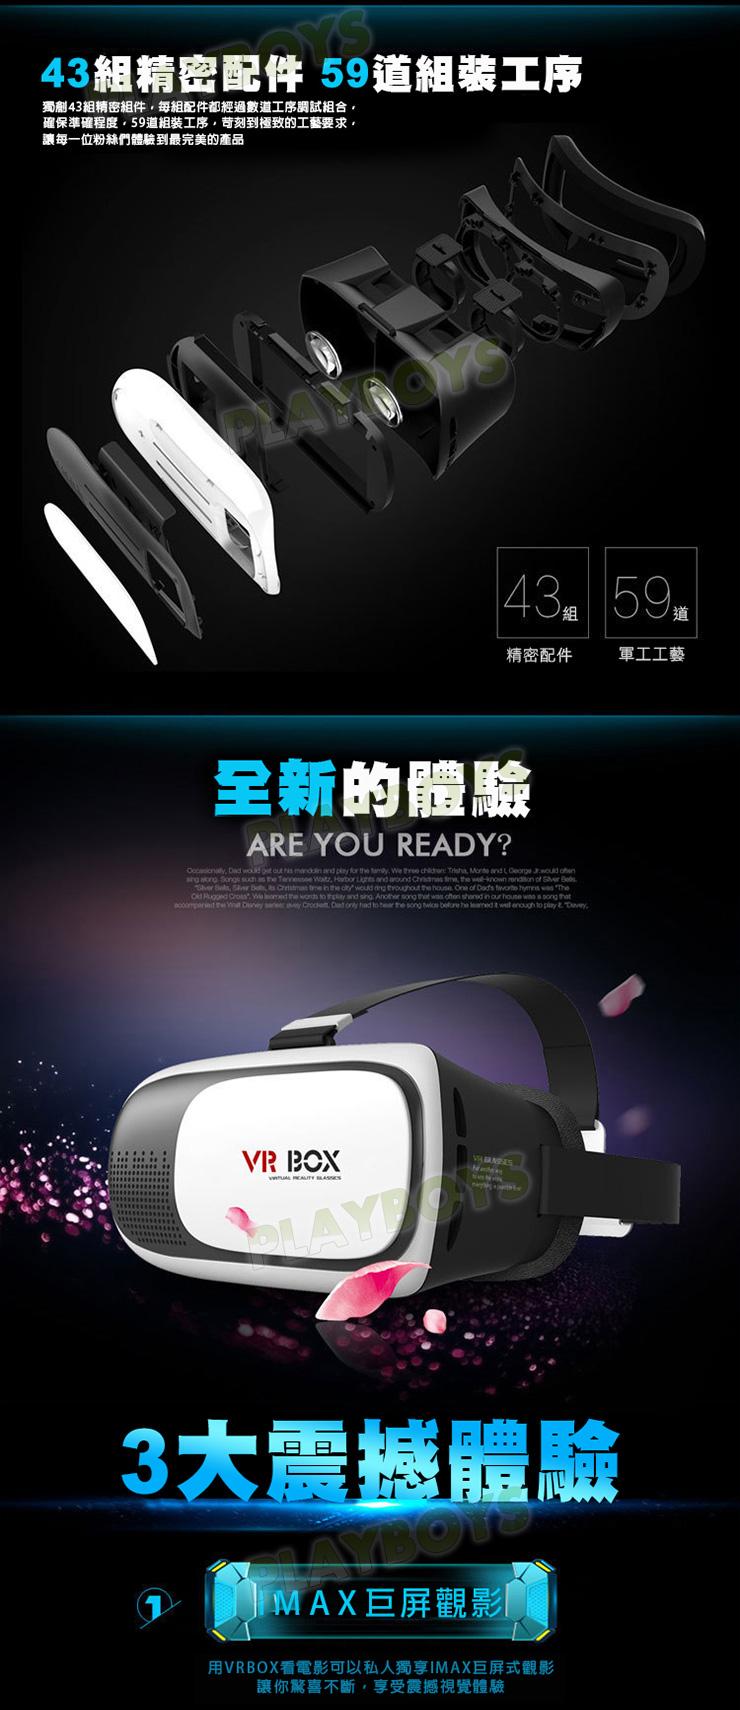 VR BOX眼鏡 | 3D 體驗性愛快感